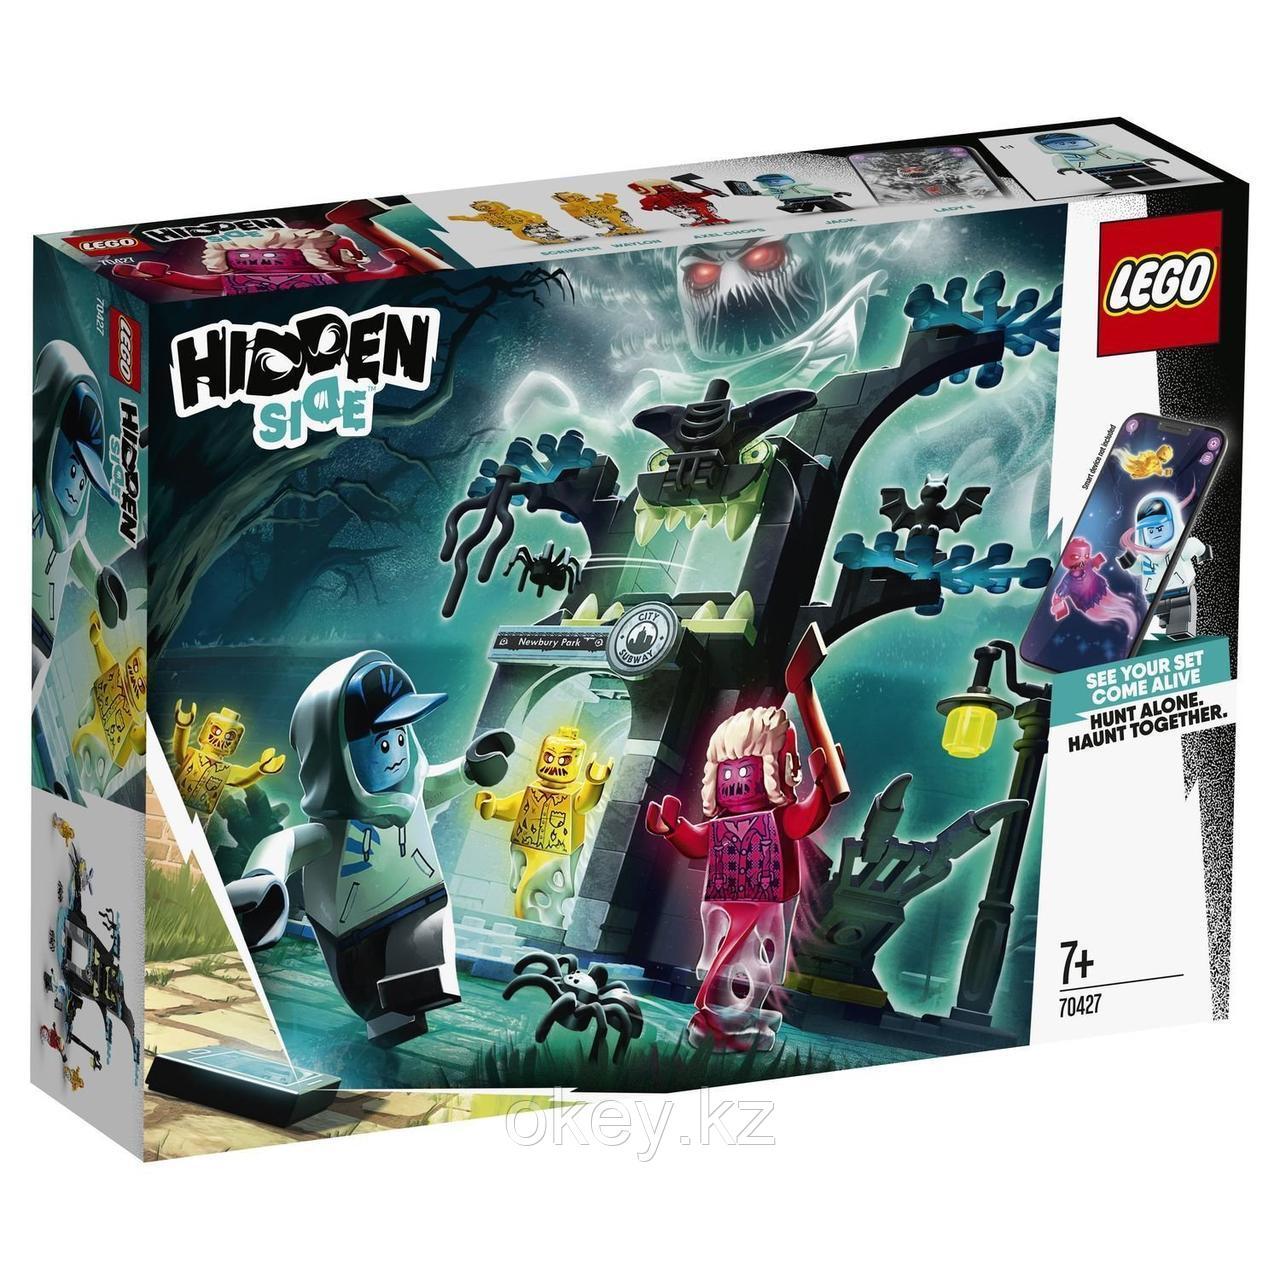 LEGO Hidden Side: Добро пожаловать в Hidden Side 70427